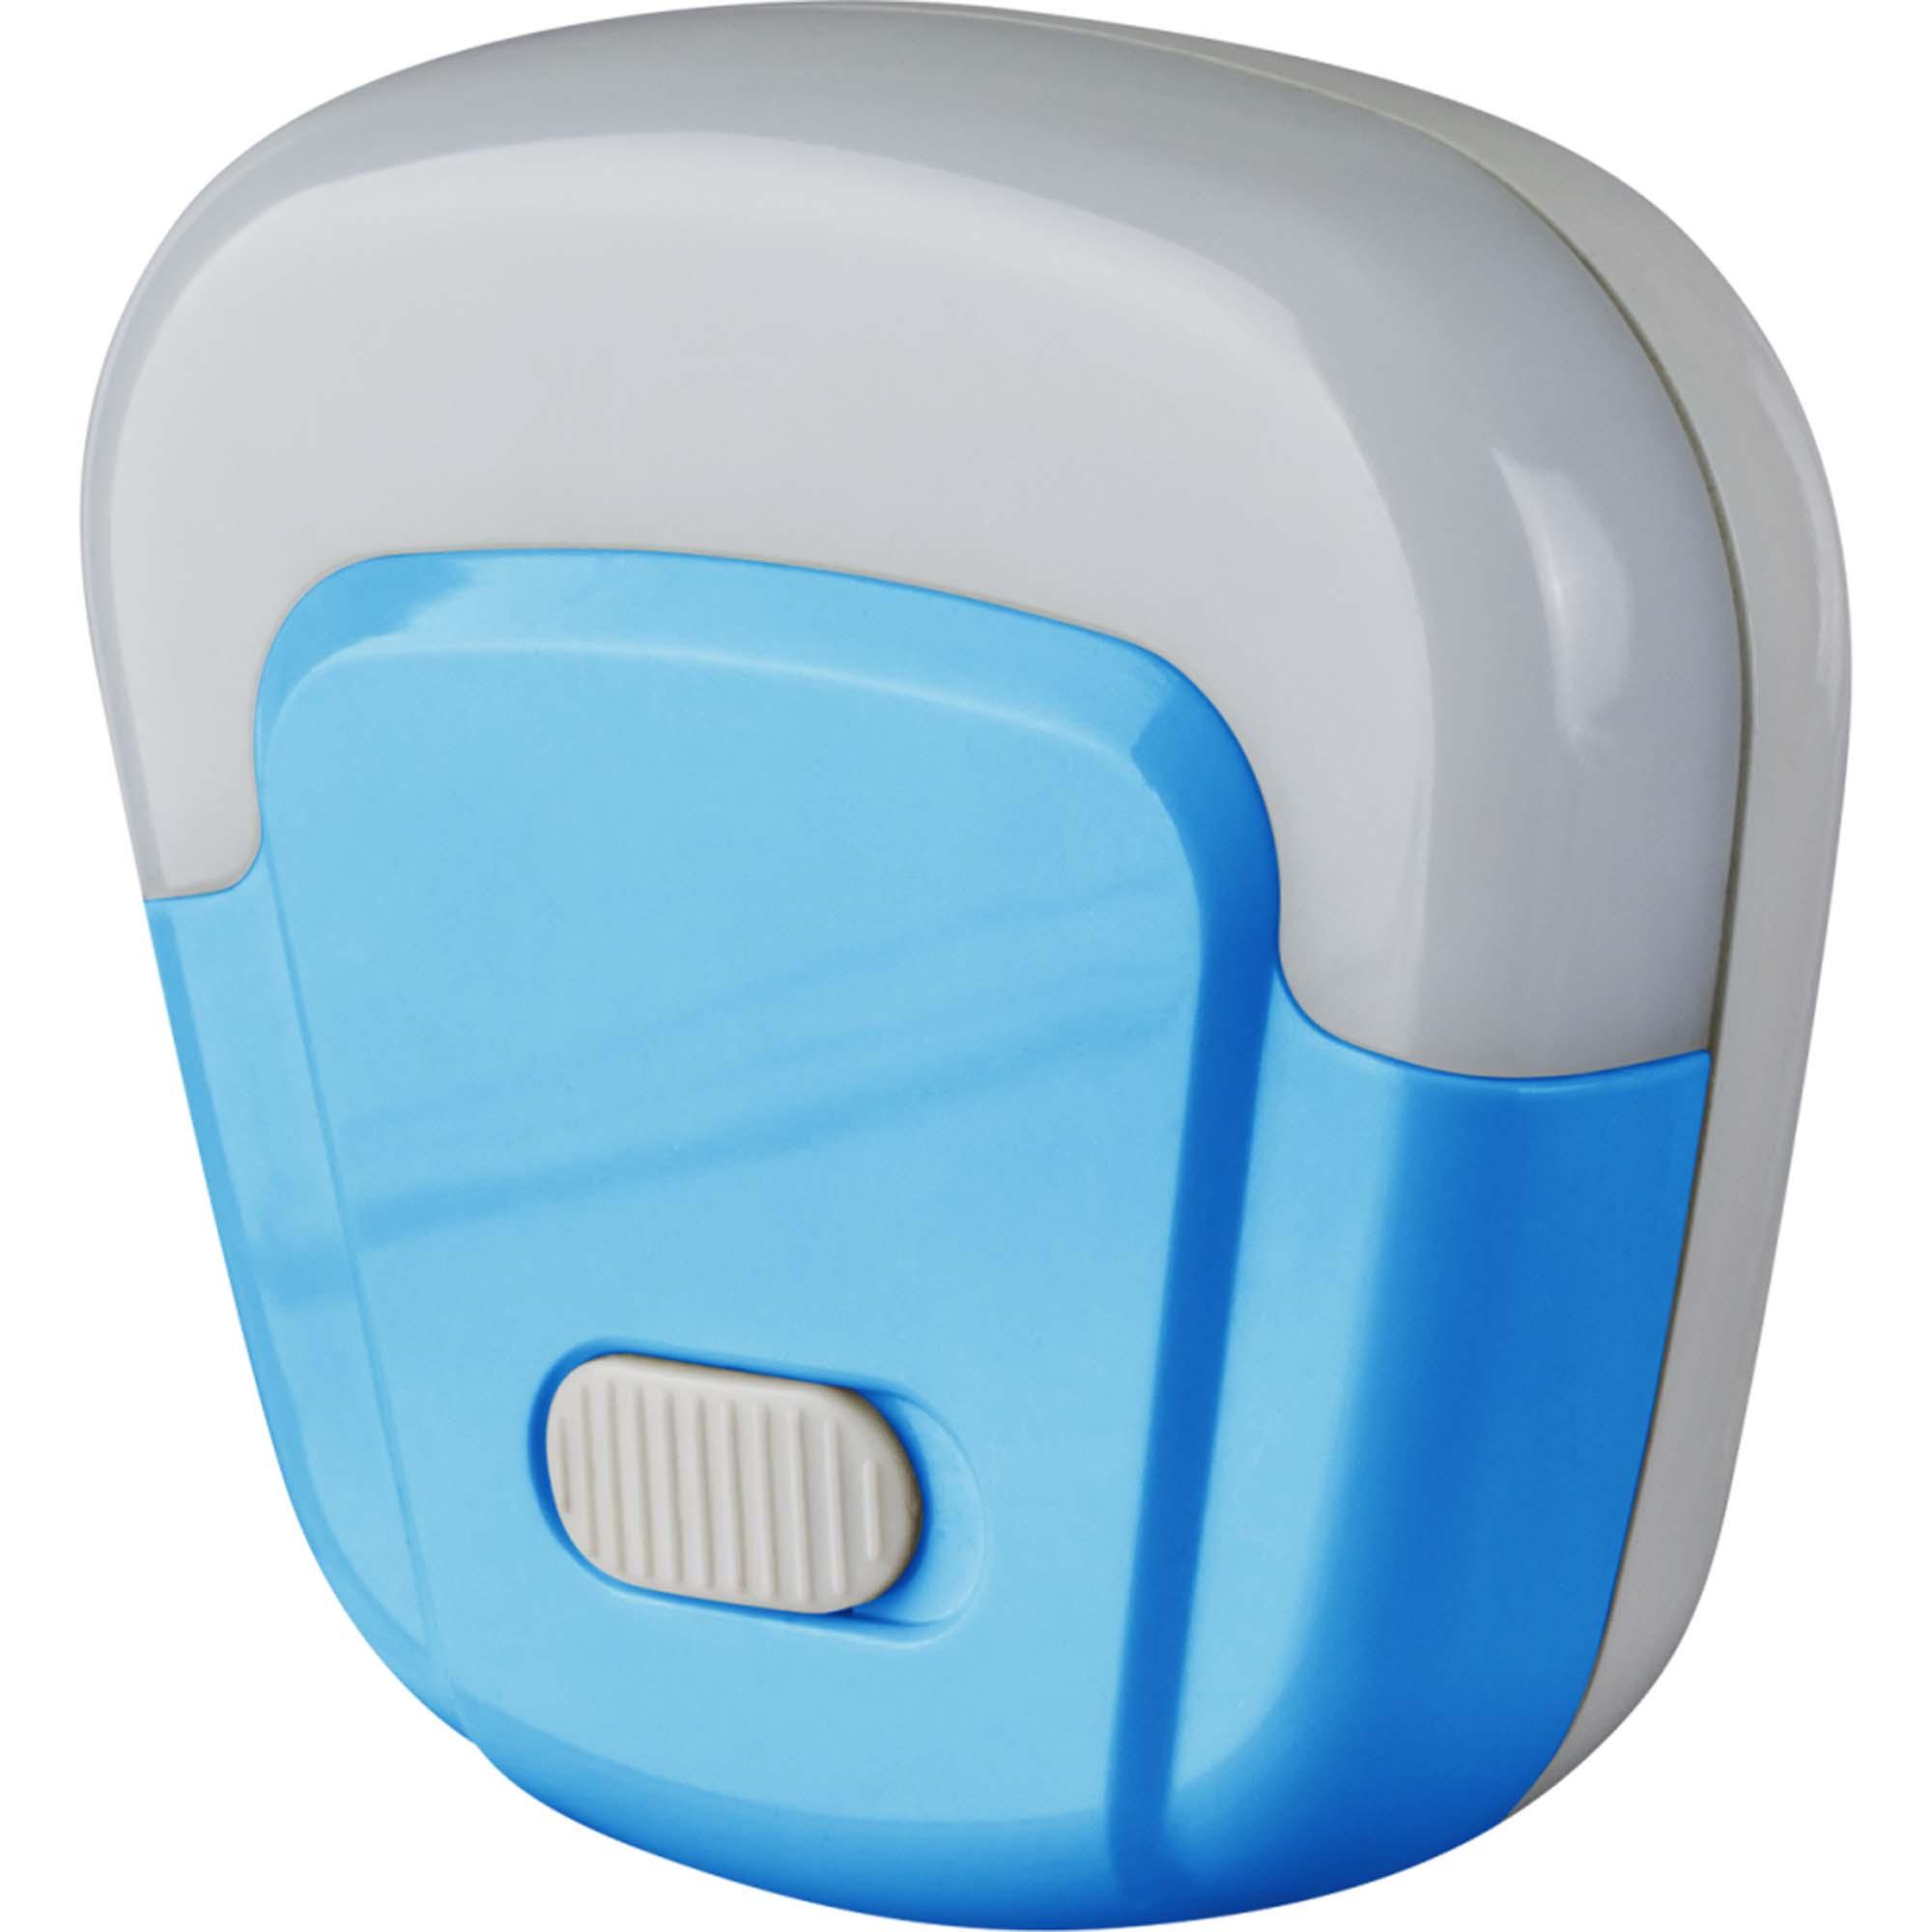 Ночник Navigator 03 с выключателем 0.5вт синий